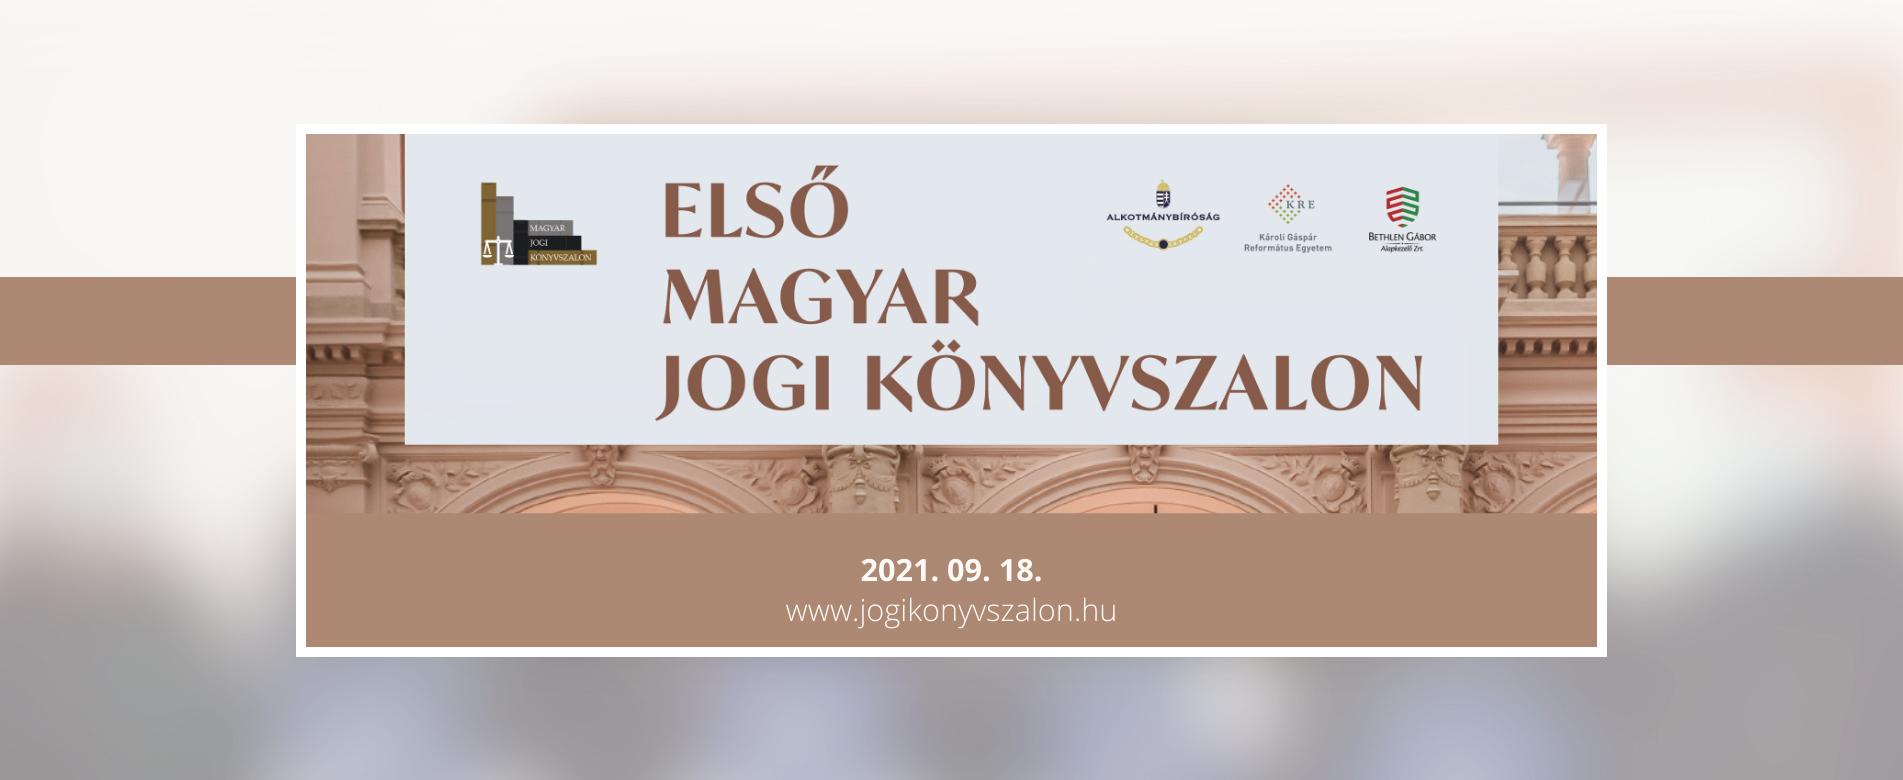 Egyetemünk ad otthont az Első Magyar Jogi Könyvszalonnak